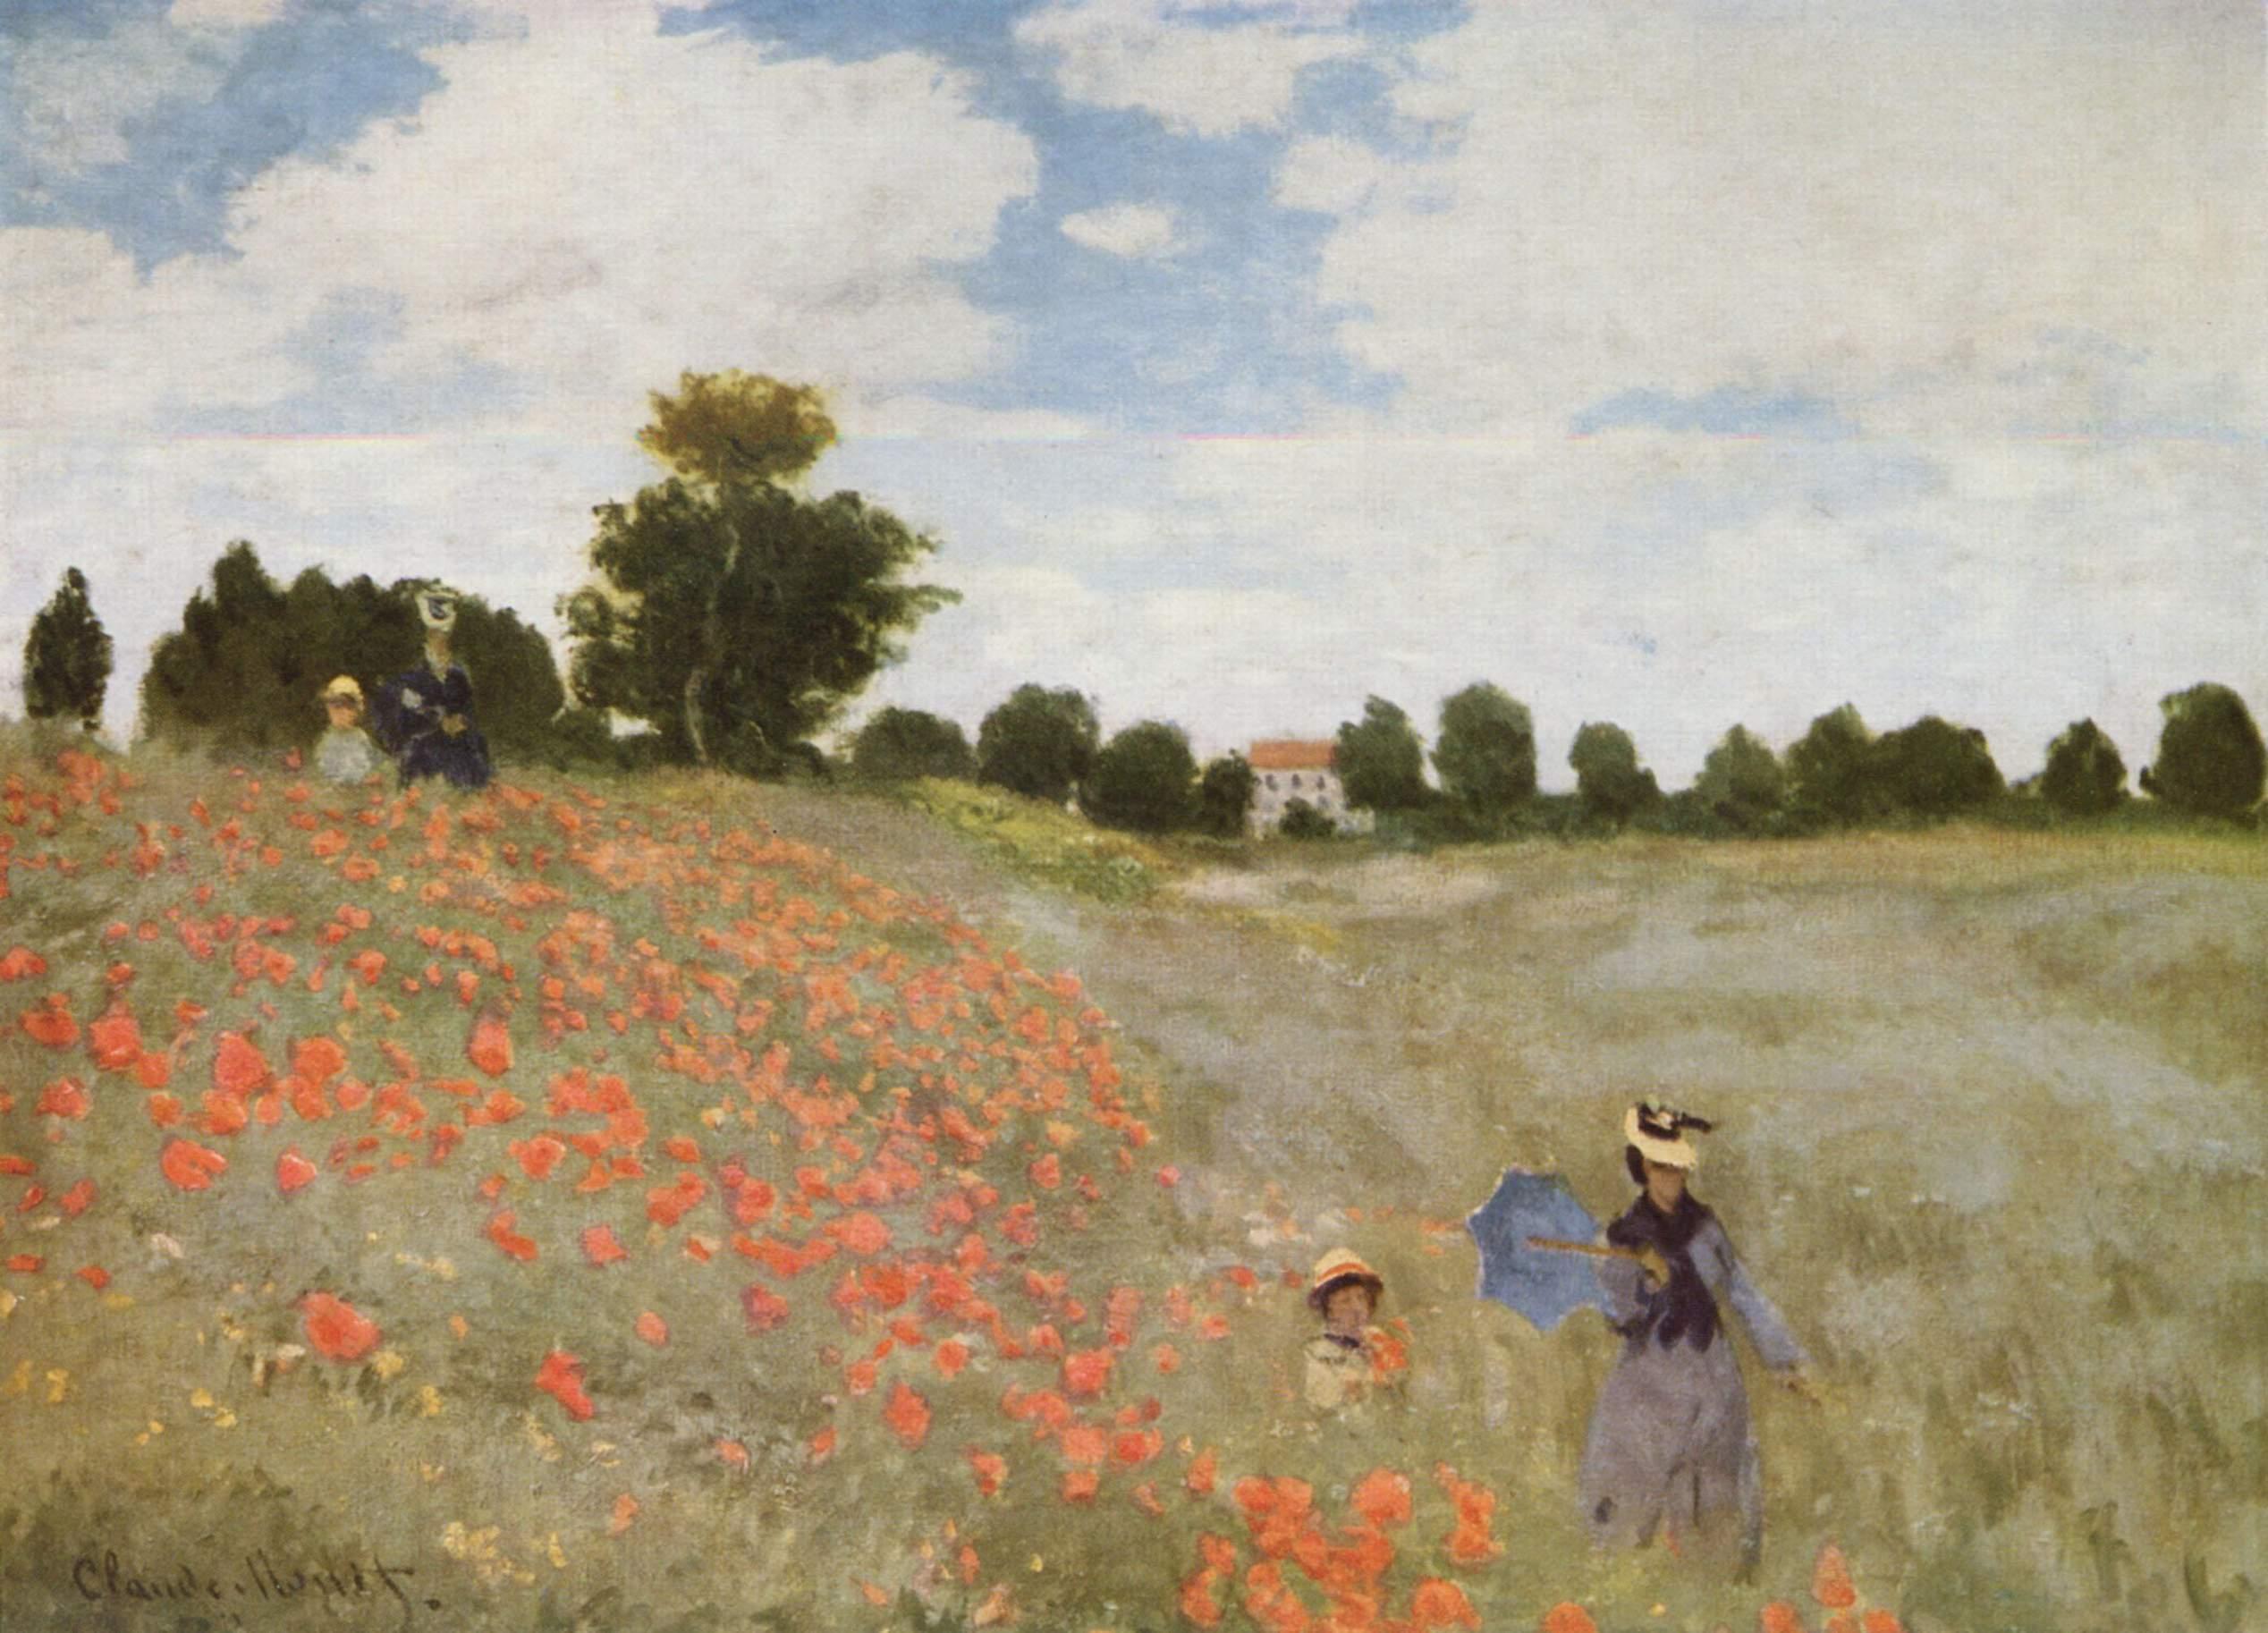 Figura 9. Claude Monet, Les coquelicots à Argenteuil